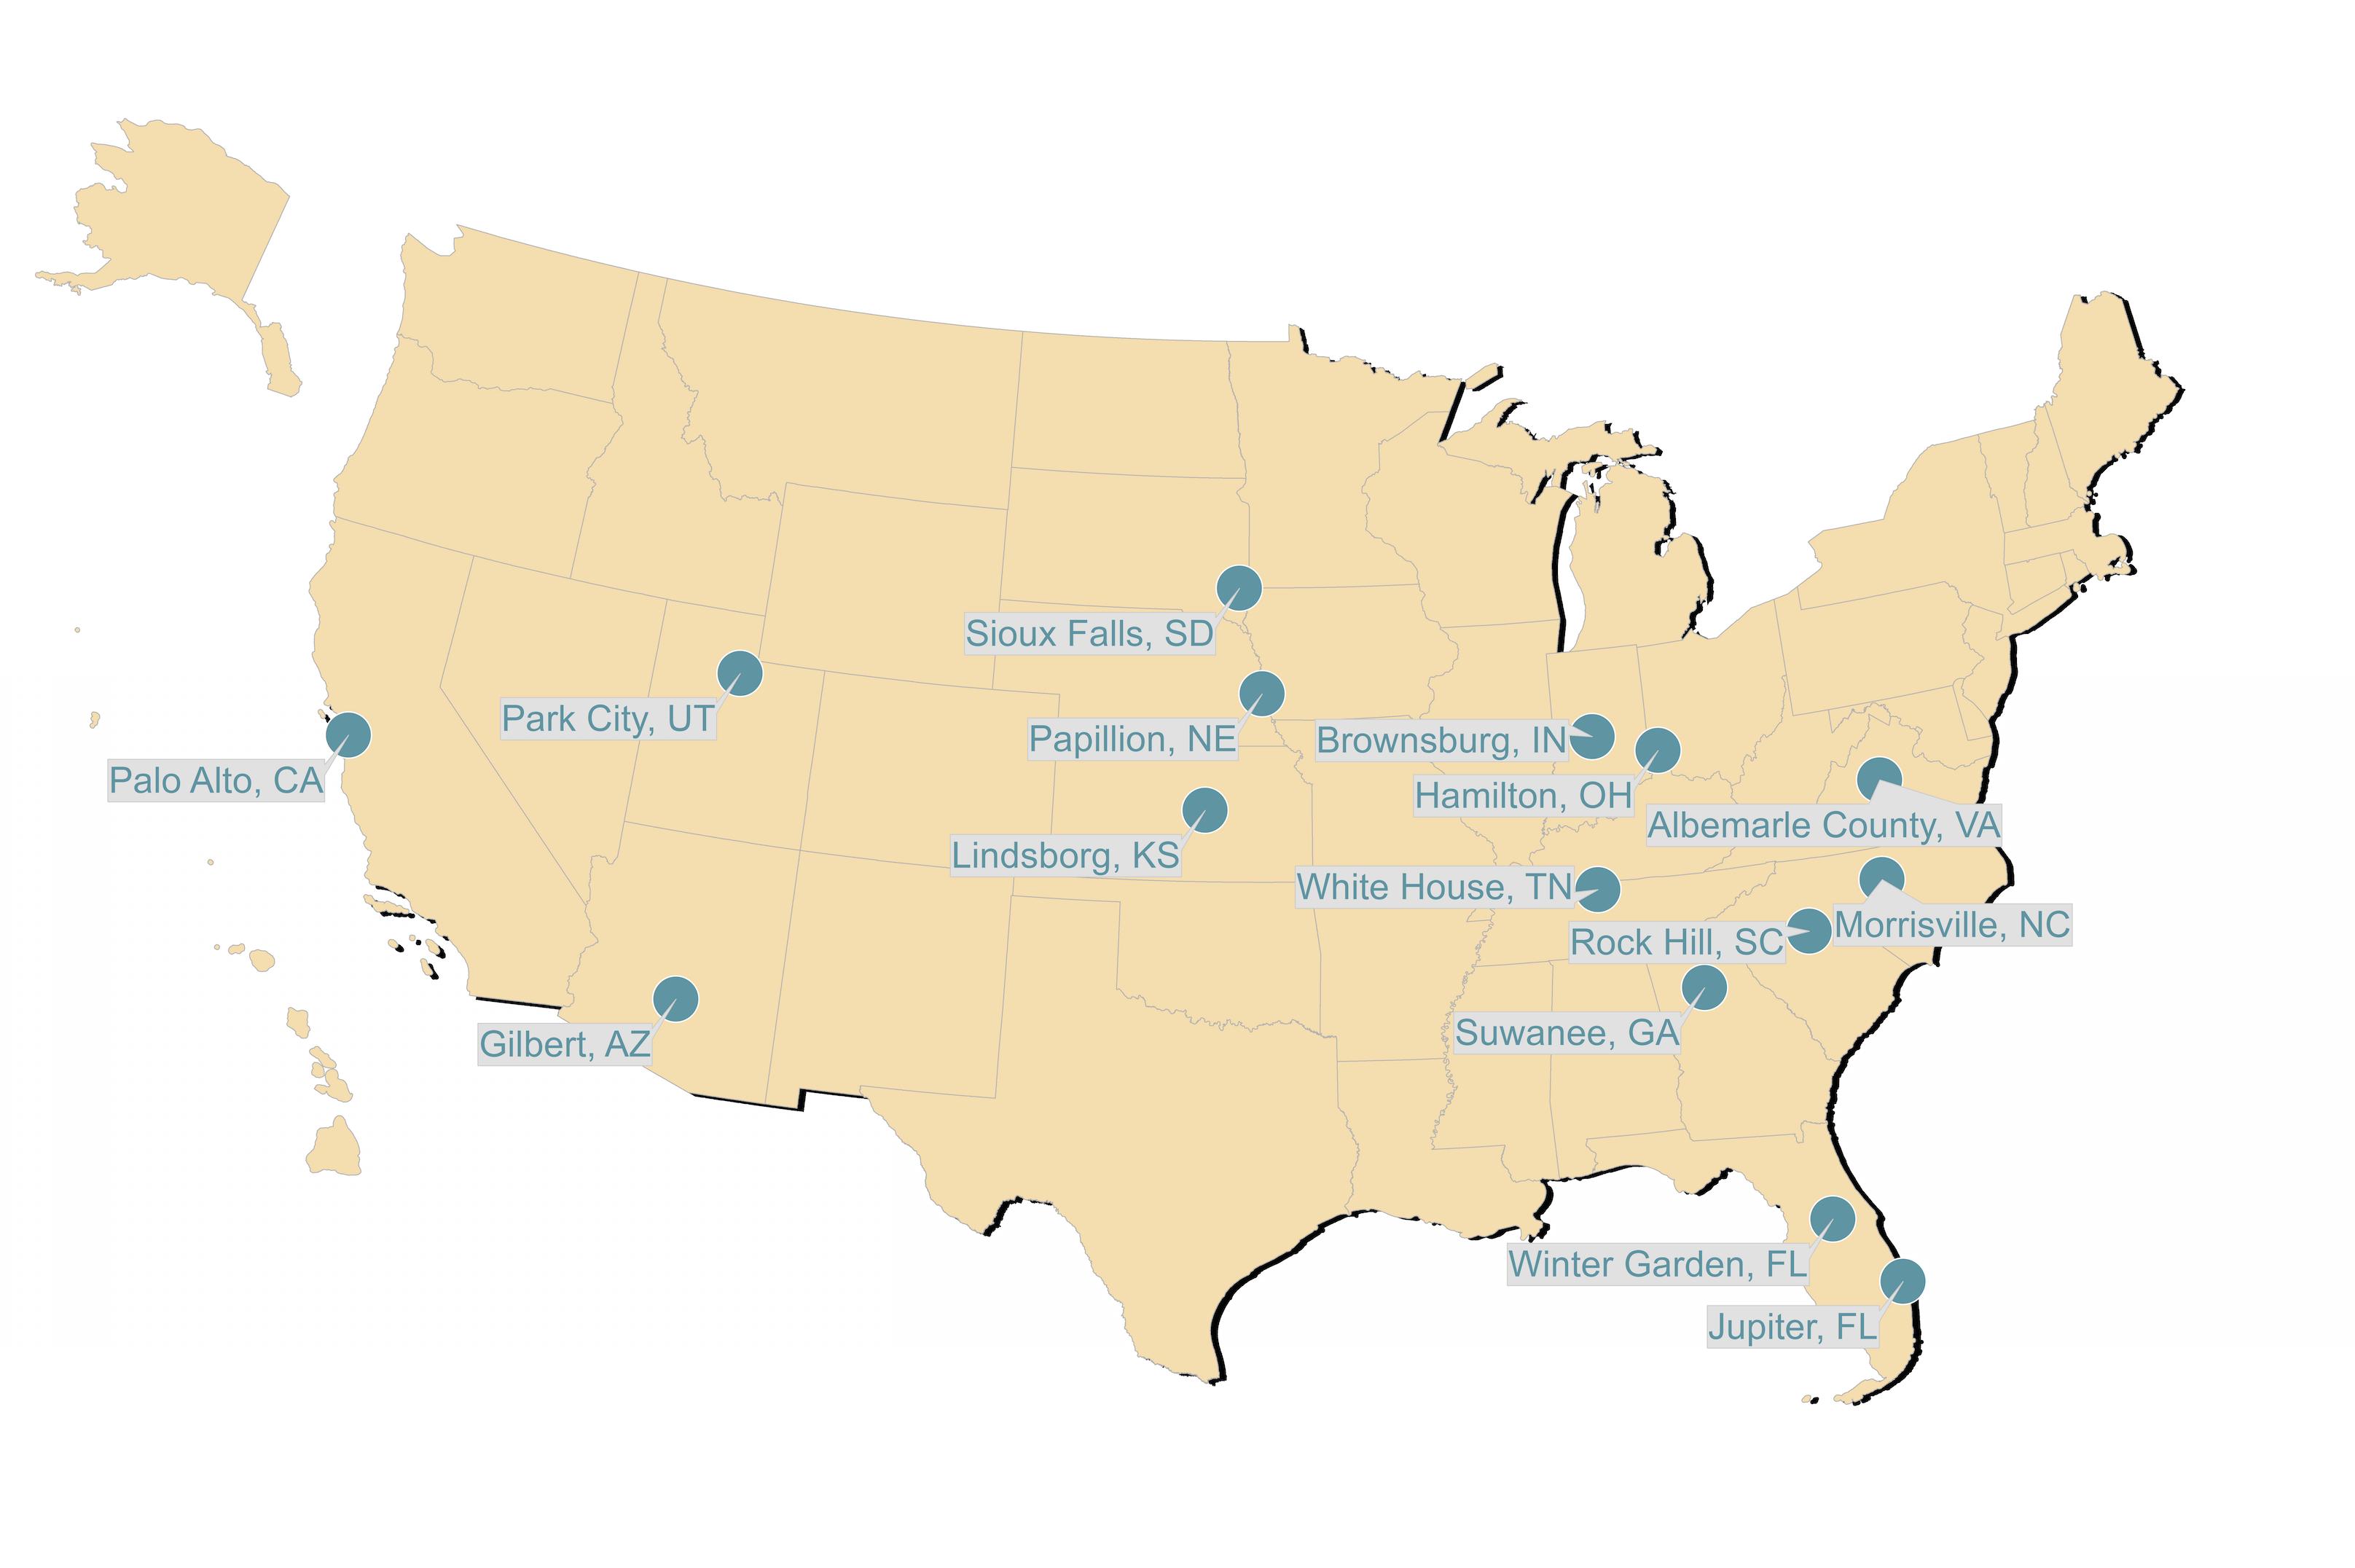 Winter Garden Florida Map - Winter Garden Florida Map